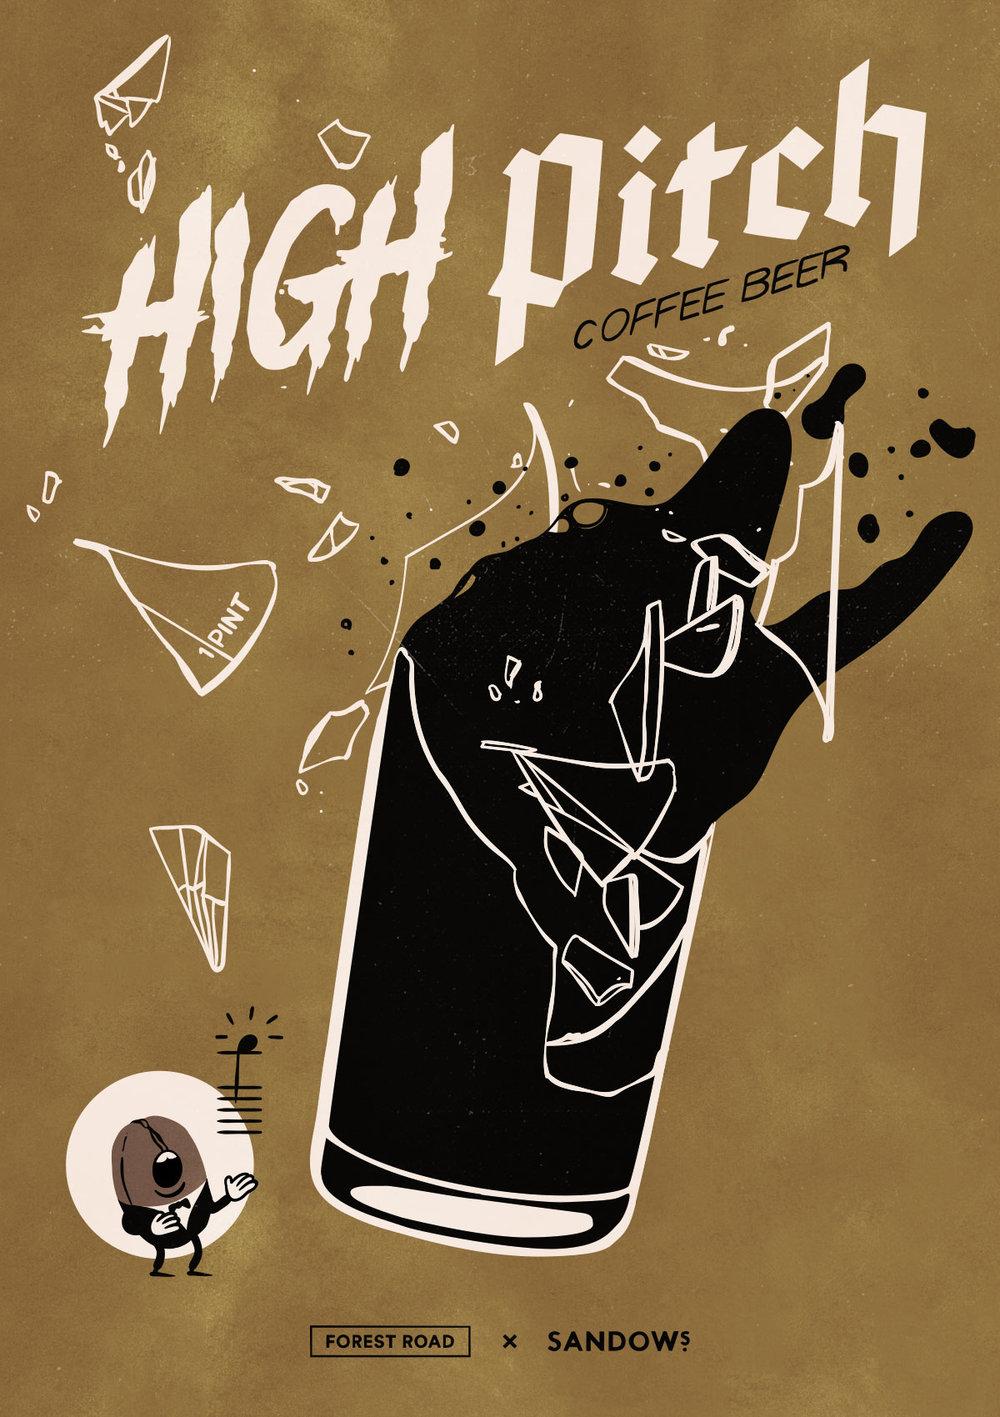 coffee-beer-poster.jpg